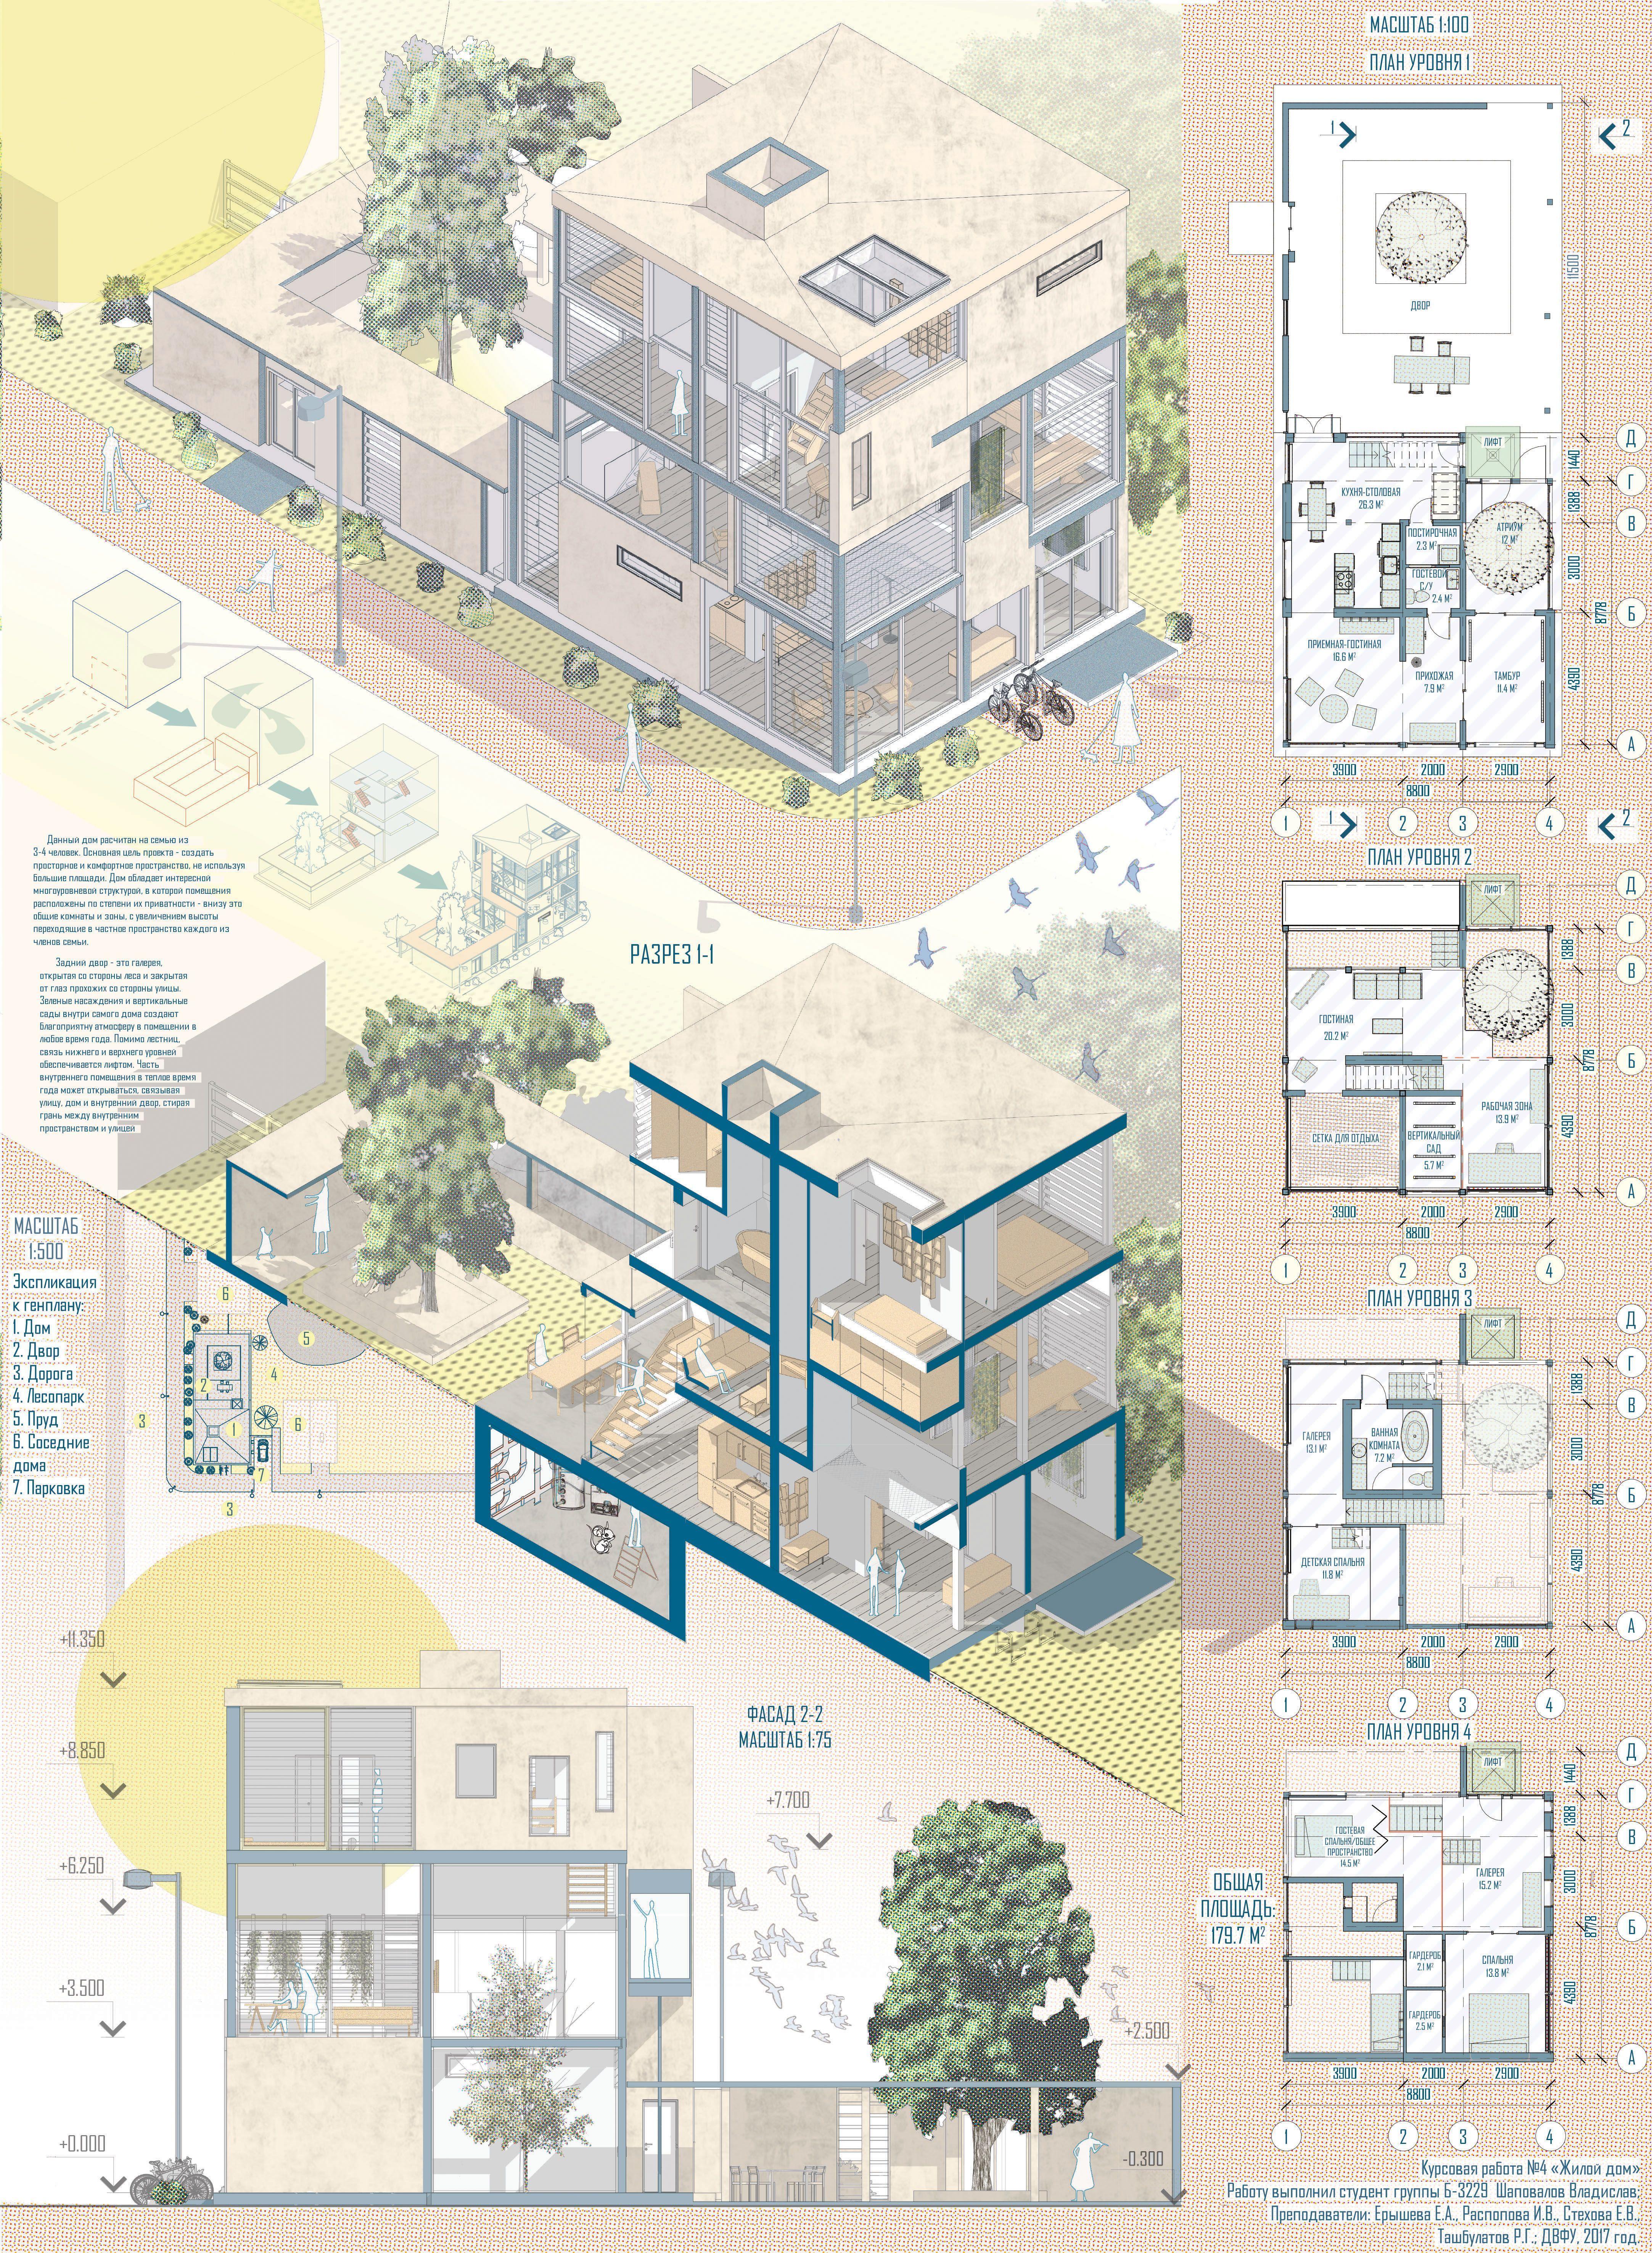 Confira este projeto do @Behance: #architectural presentation #urbanesdesign